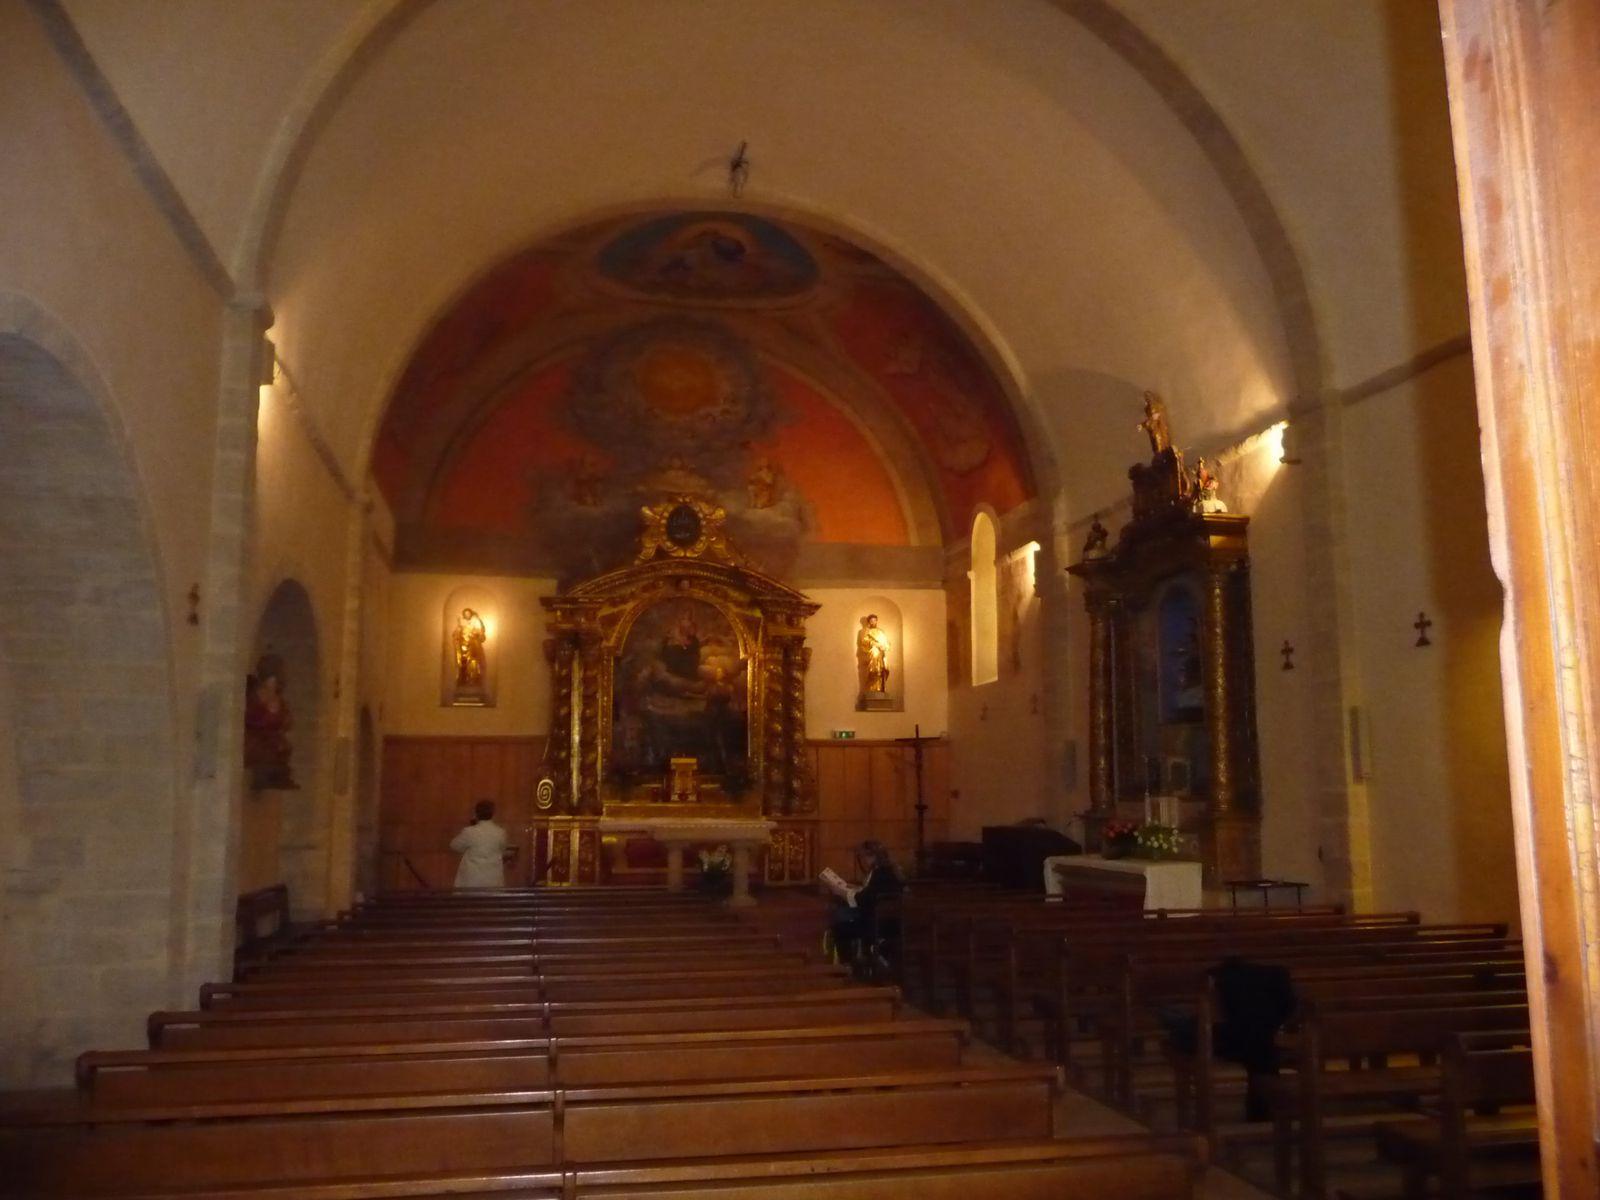 c'est dans cette petite église que s'est passé le mariage , je n'ai pas pu faire trop de photos aujourd'hui car il y avait du monde a l'intérieur .